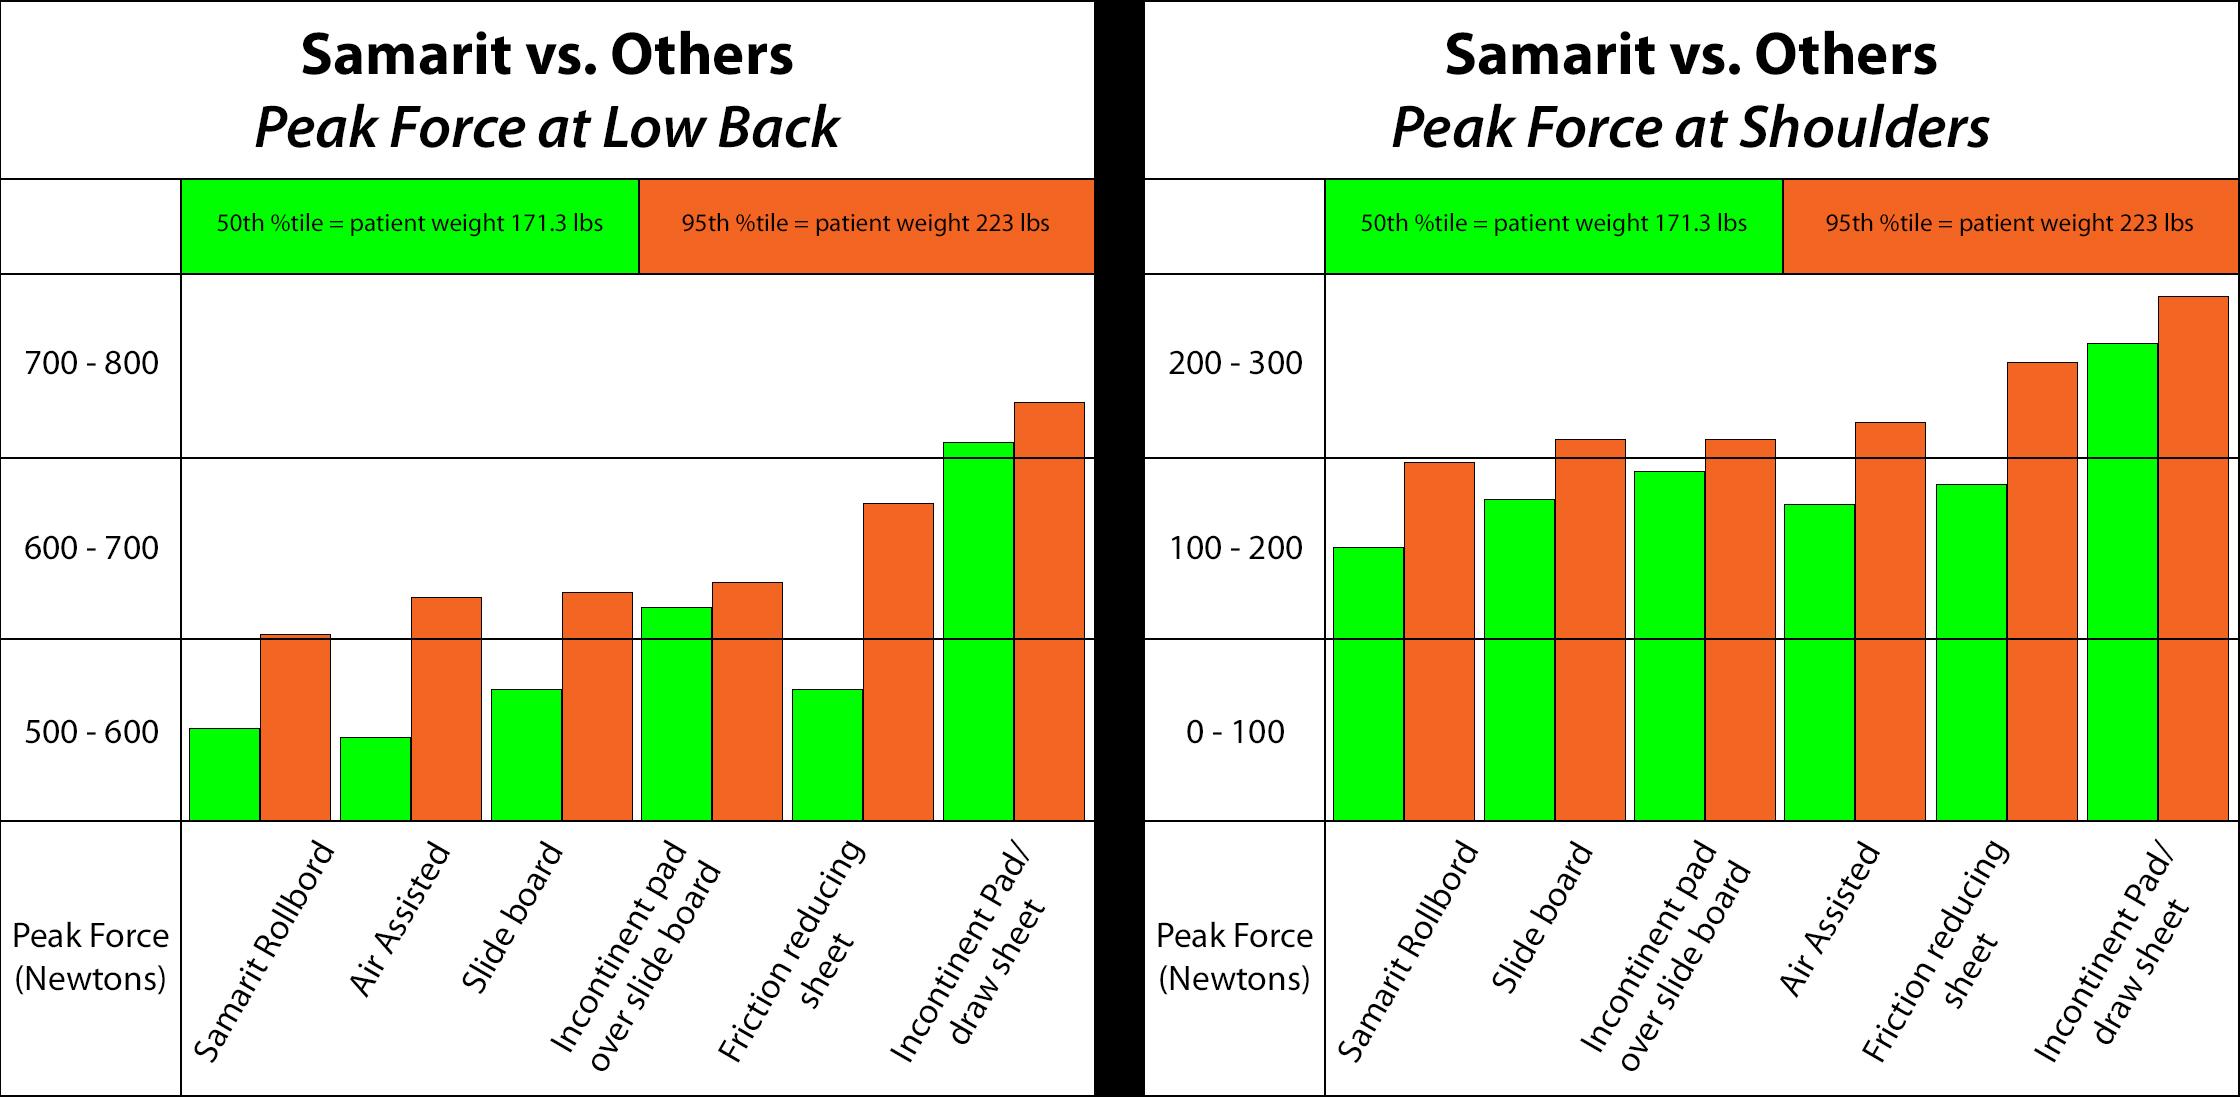 Samarit Peak Force